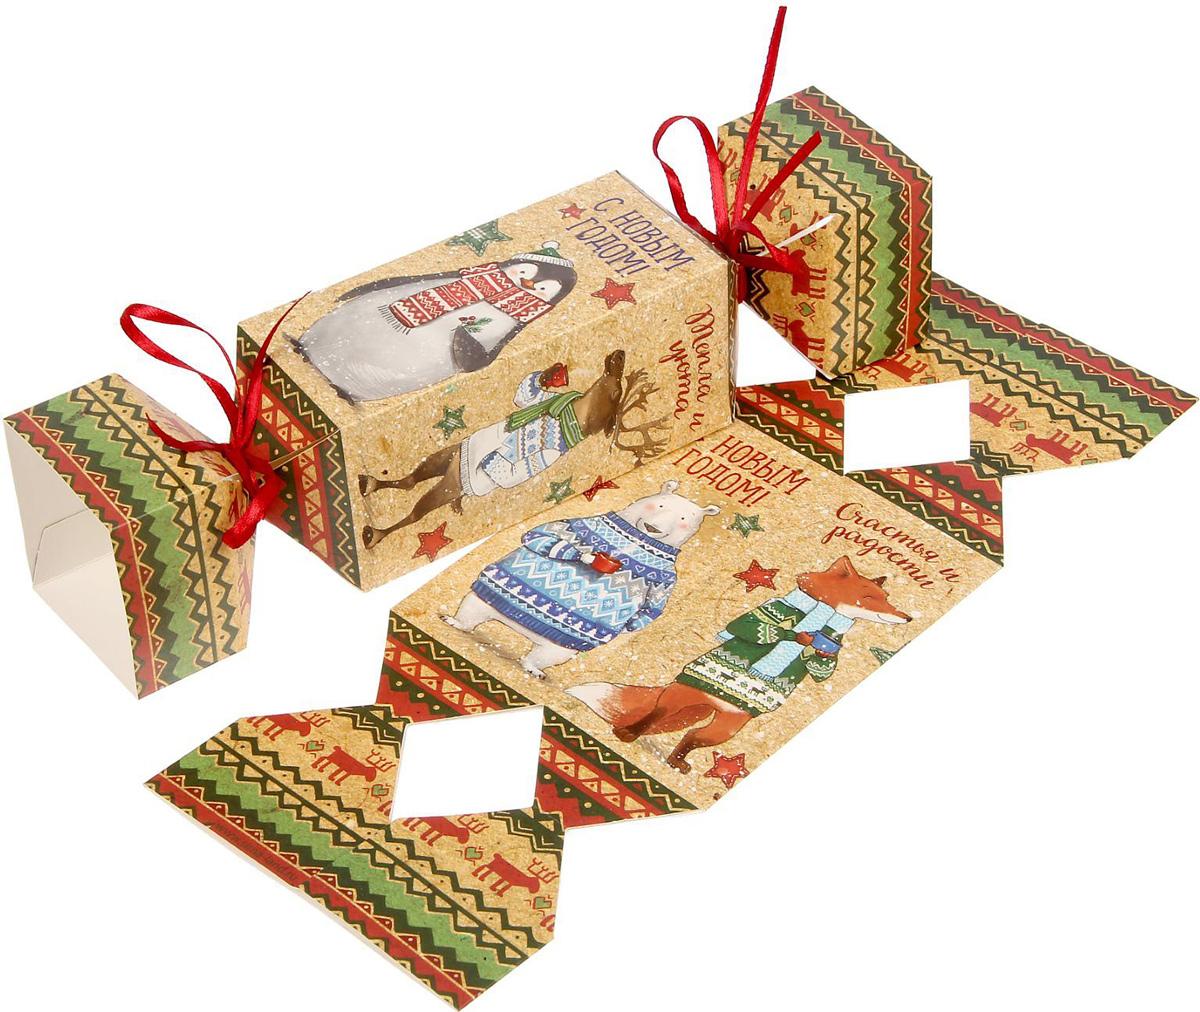 Коробка-конфета складная Sima-land Тепла и Уюта, 11 х 5 см1363334Любой подарок начинается с упаковки. Что может быть трогательнее и волшебнее, чем ритуал разворачивания полученного презента. И именно оригинальная, со вкусом выбранная упаковка выделит ваш подарок из массы других. Подарочная складная коробка-конфета Sima-land продемонстрирует самые теплые чувства к виновнику торжества и создаст сказочную атмосферу праздника.